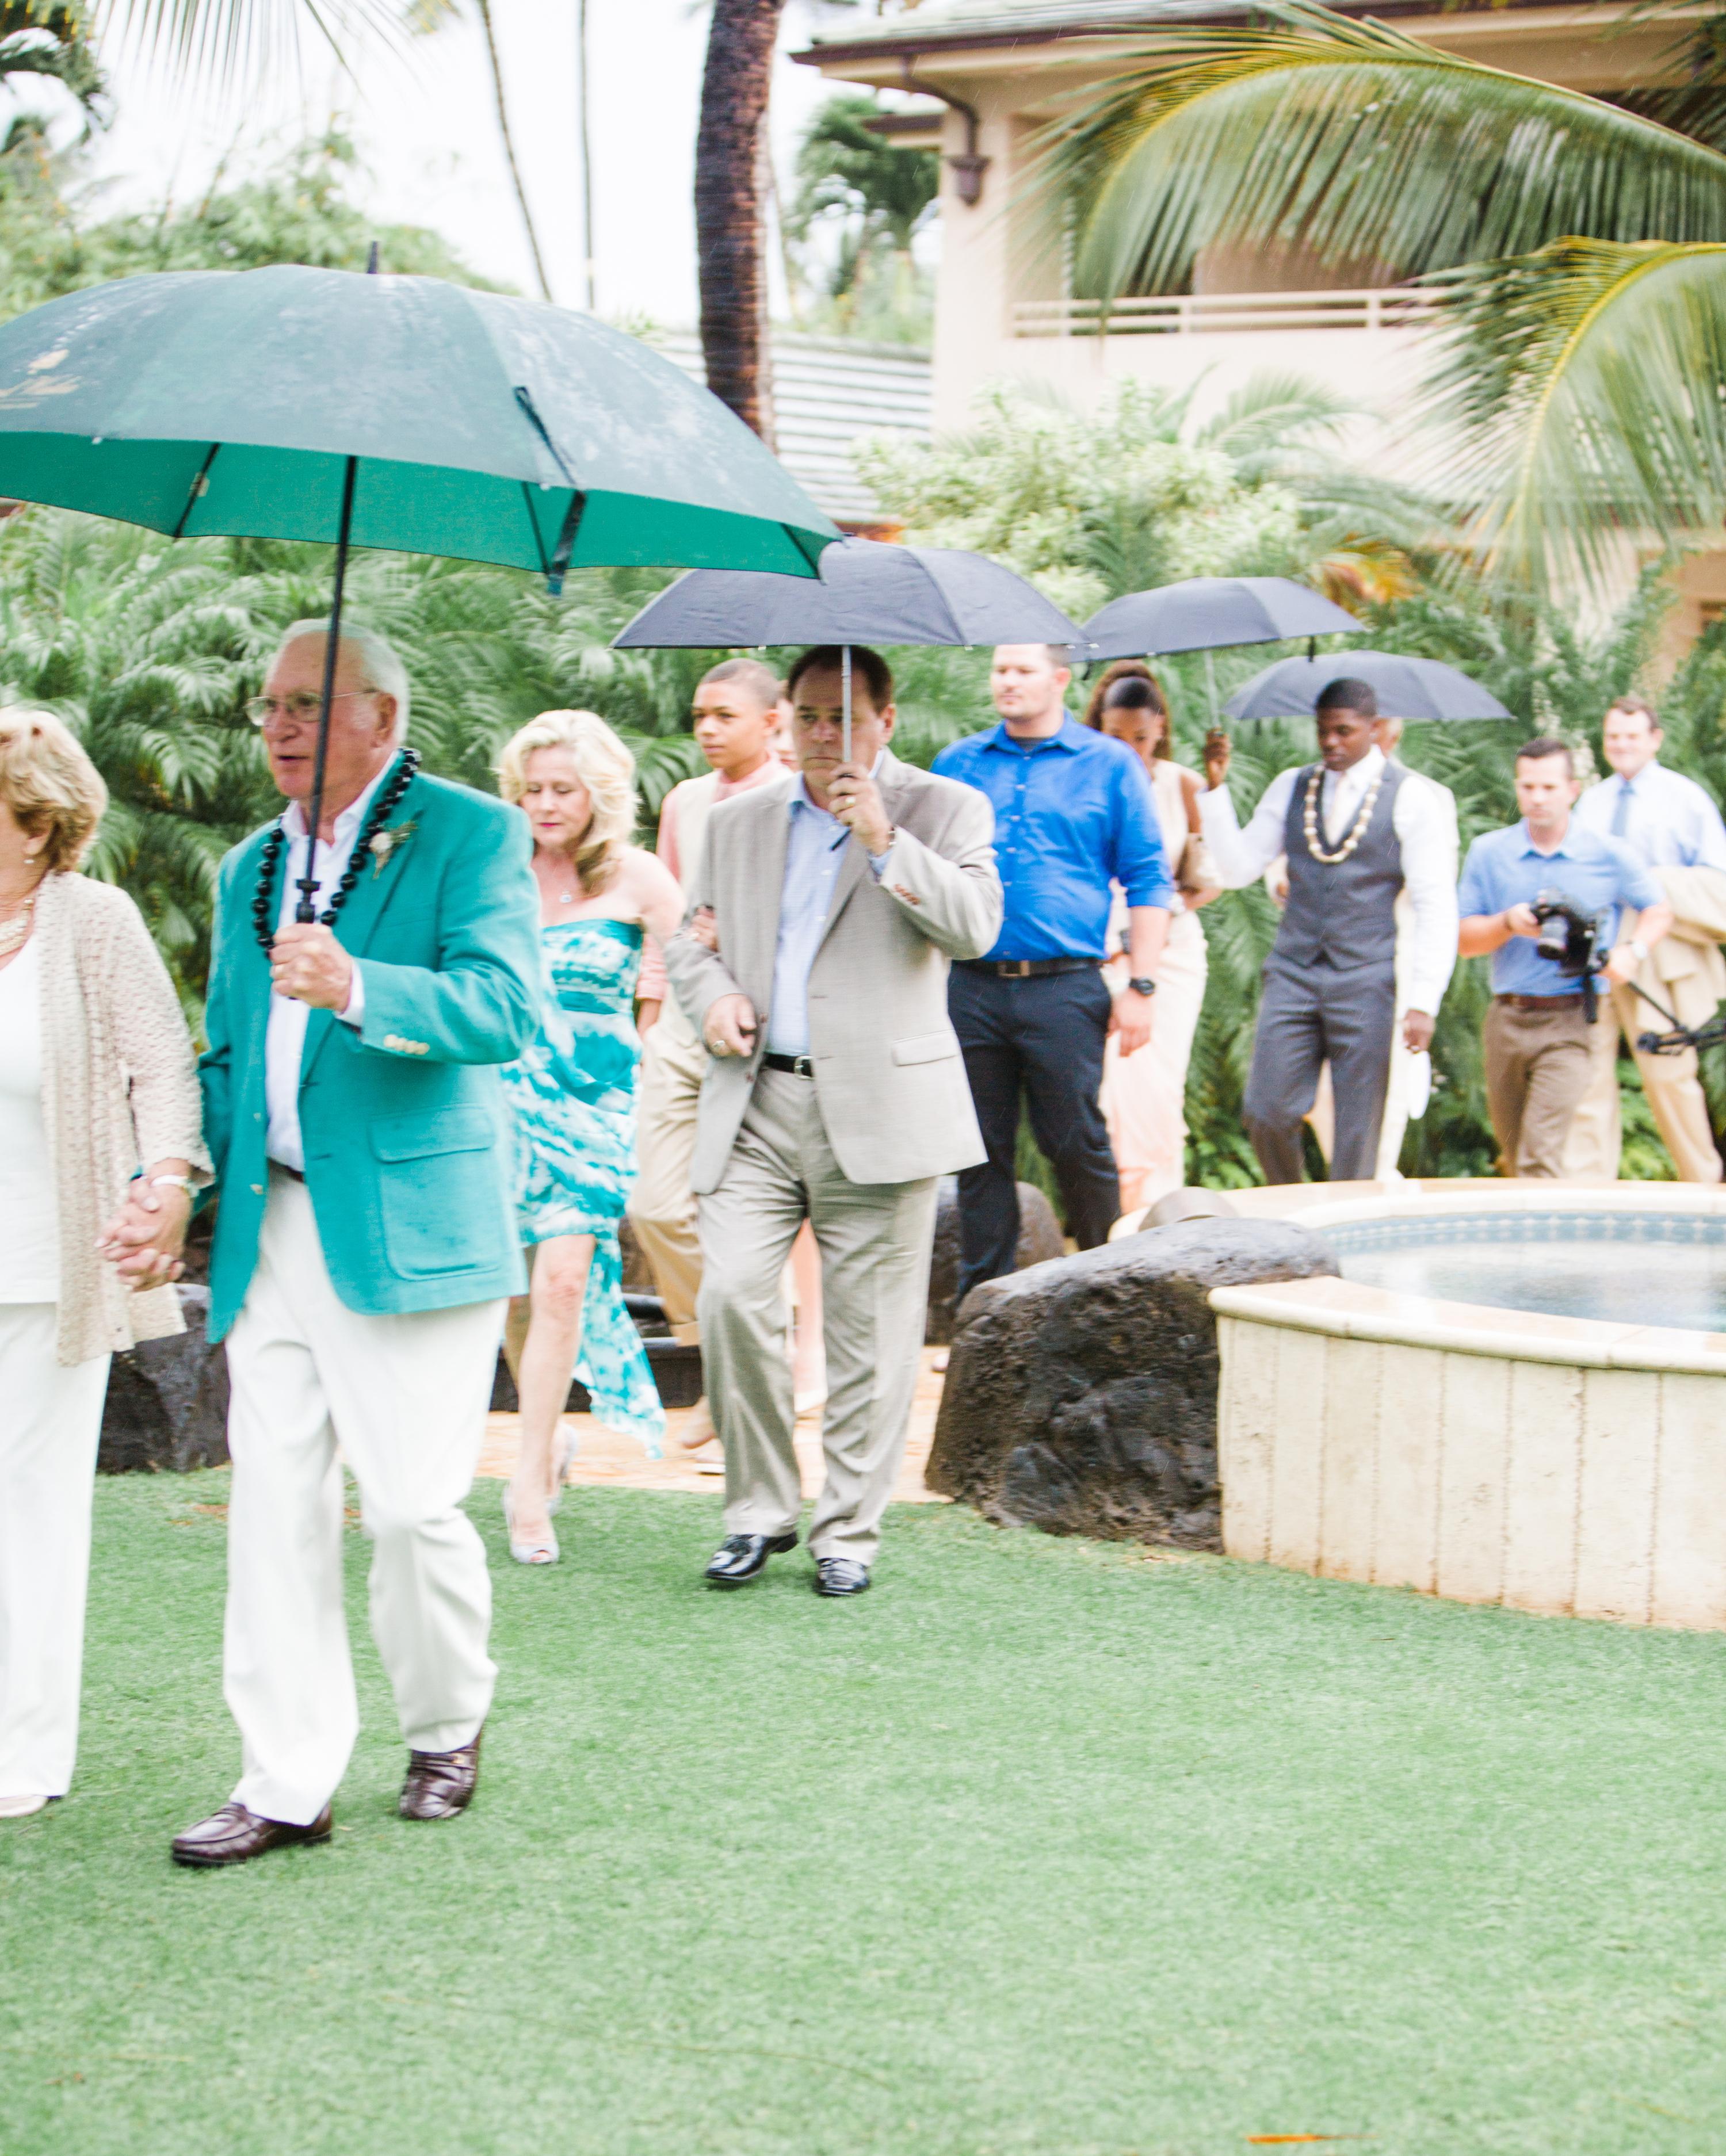 renee-matthew-wedding-maui-hawaii-w3348-2-s111851.jpg